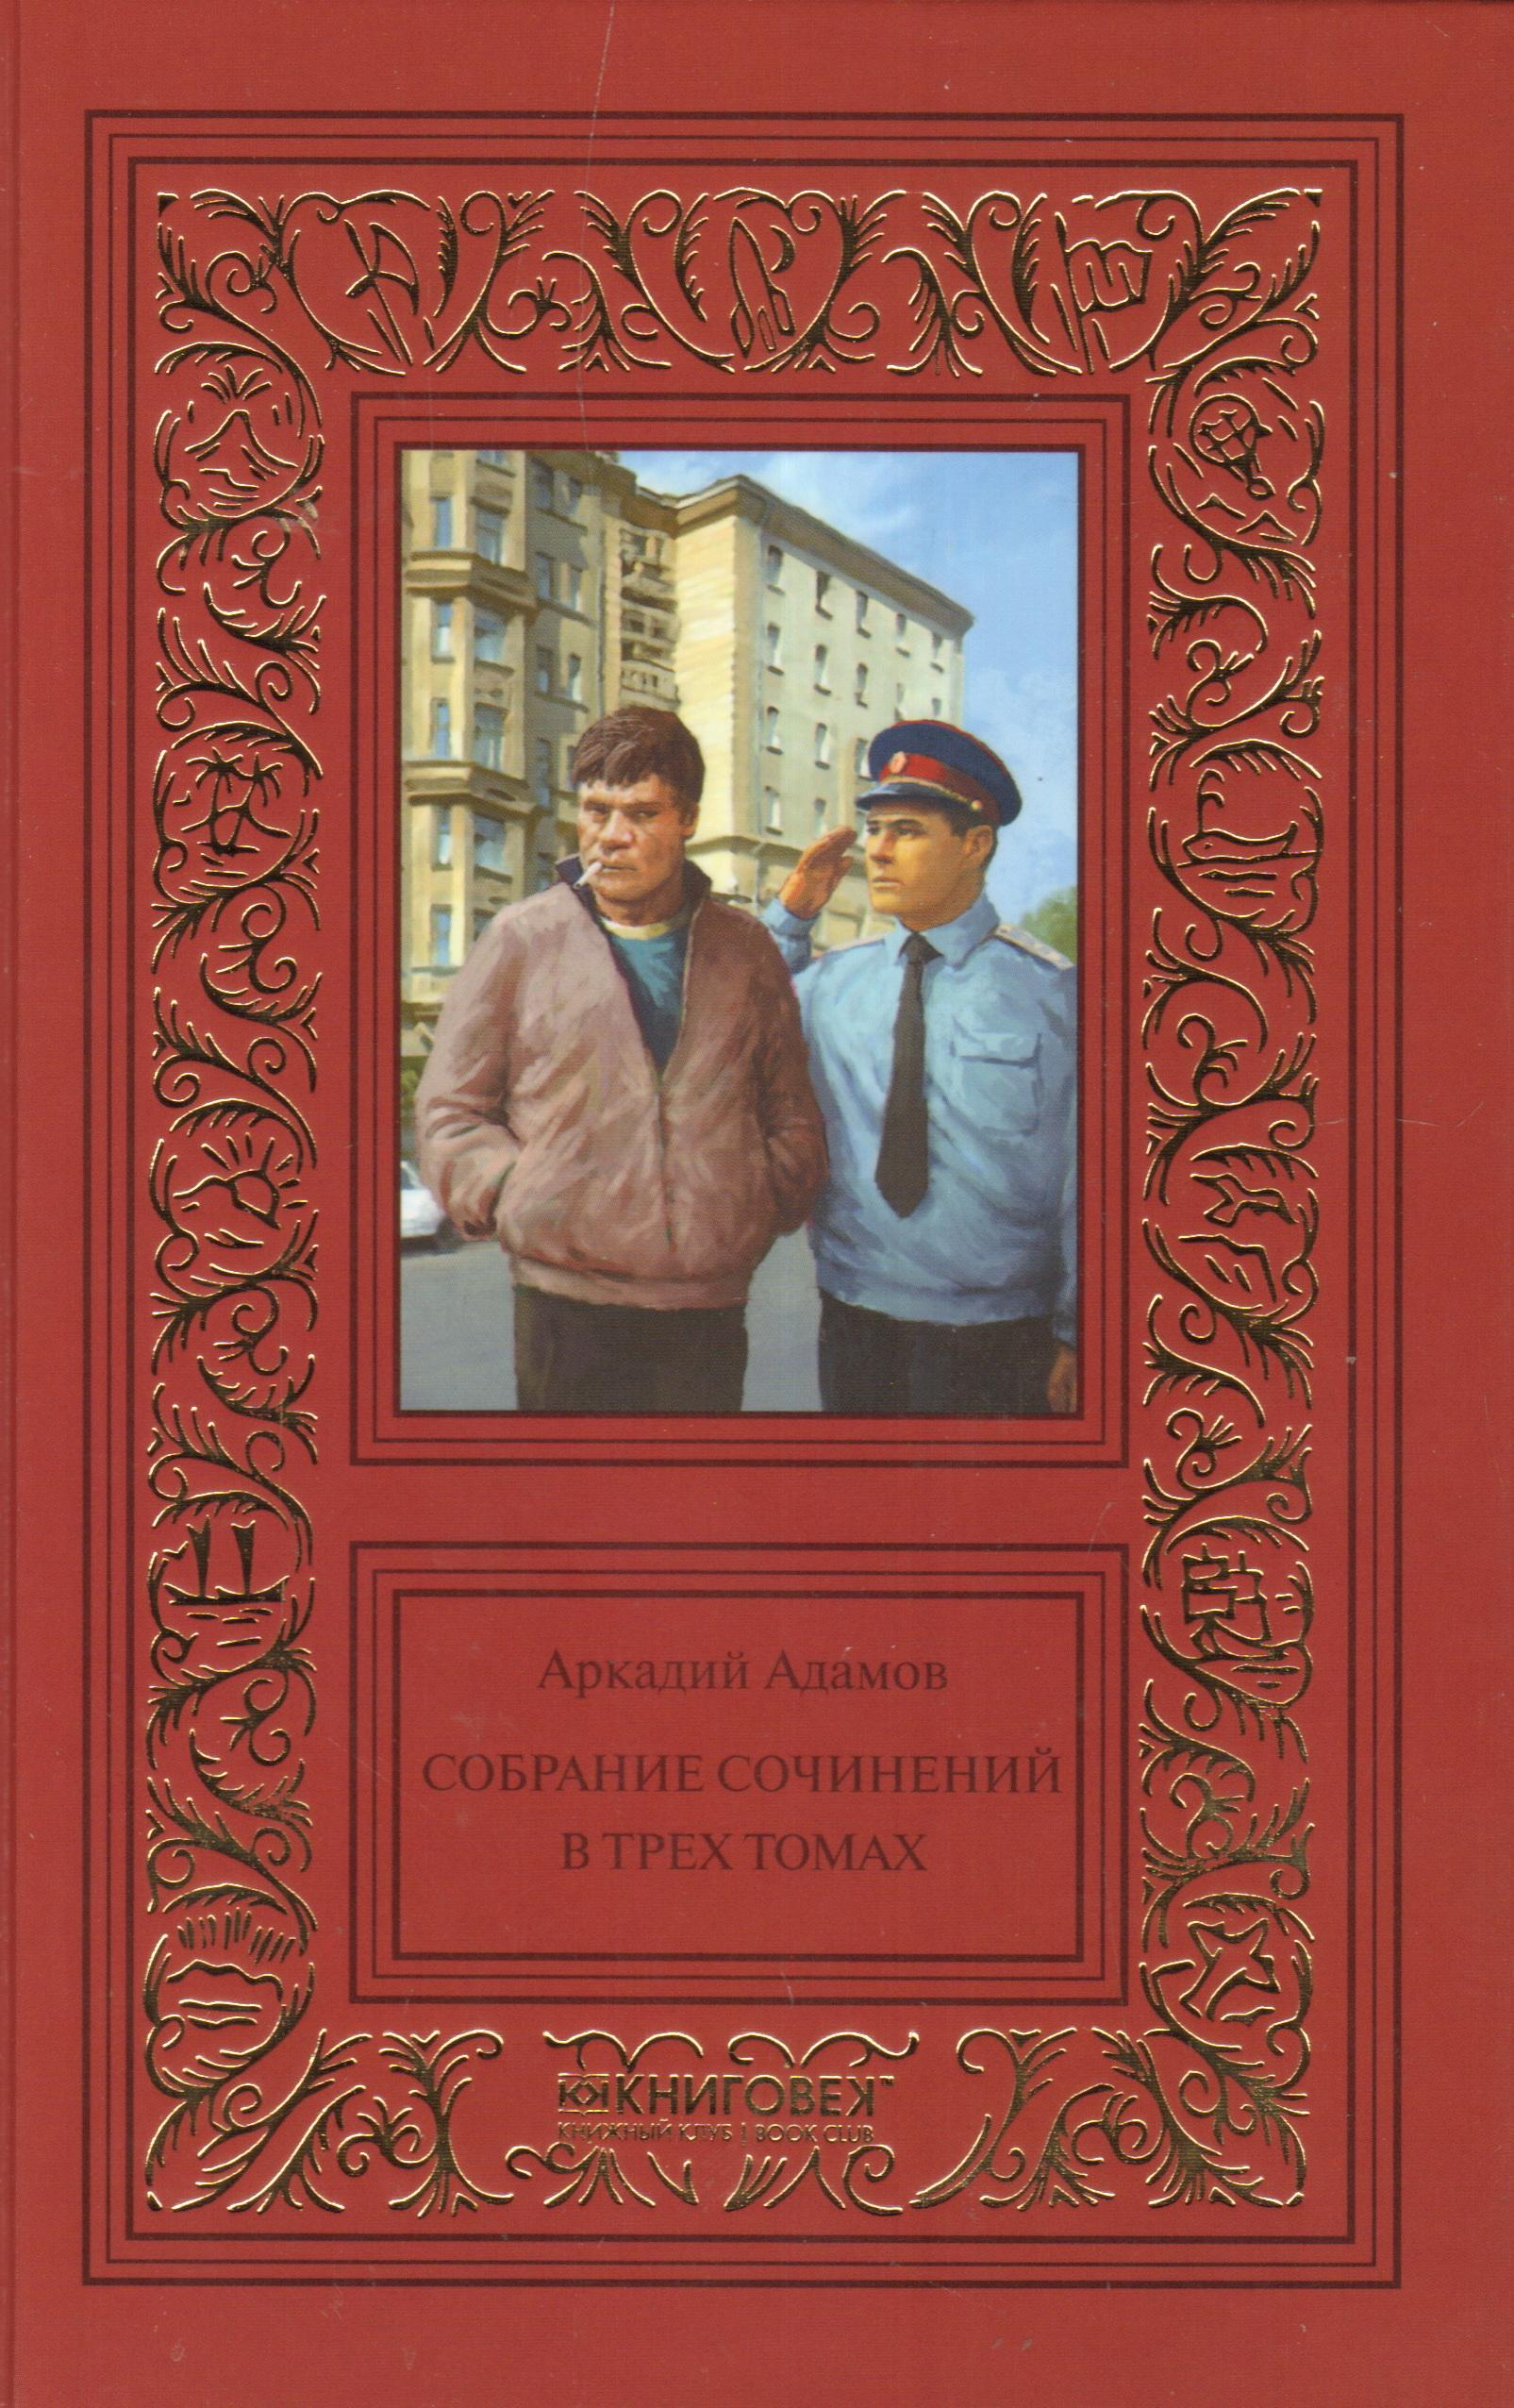 Адамов.Собрание сочинений в трех томах (Компл.в 3-х тт.)